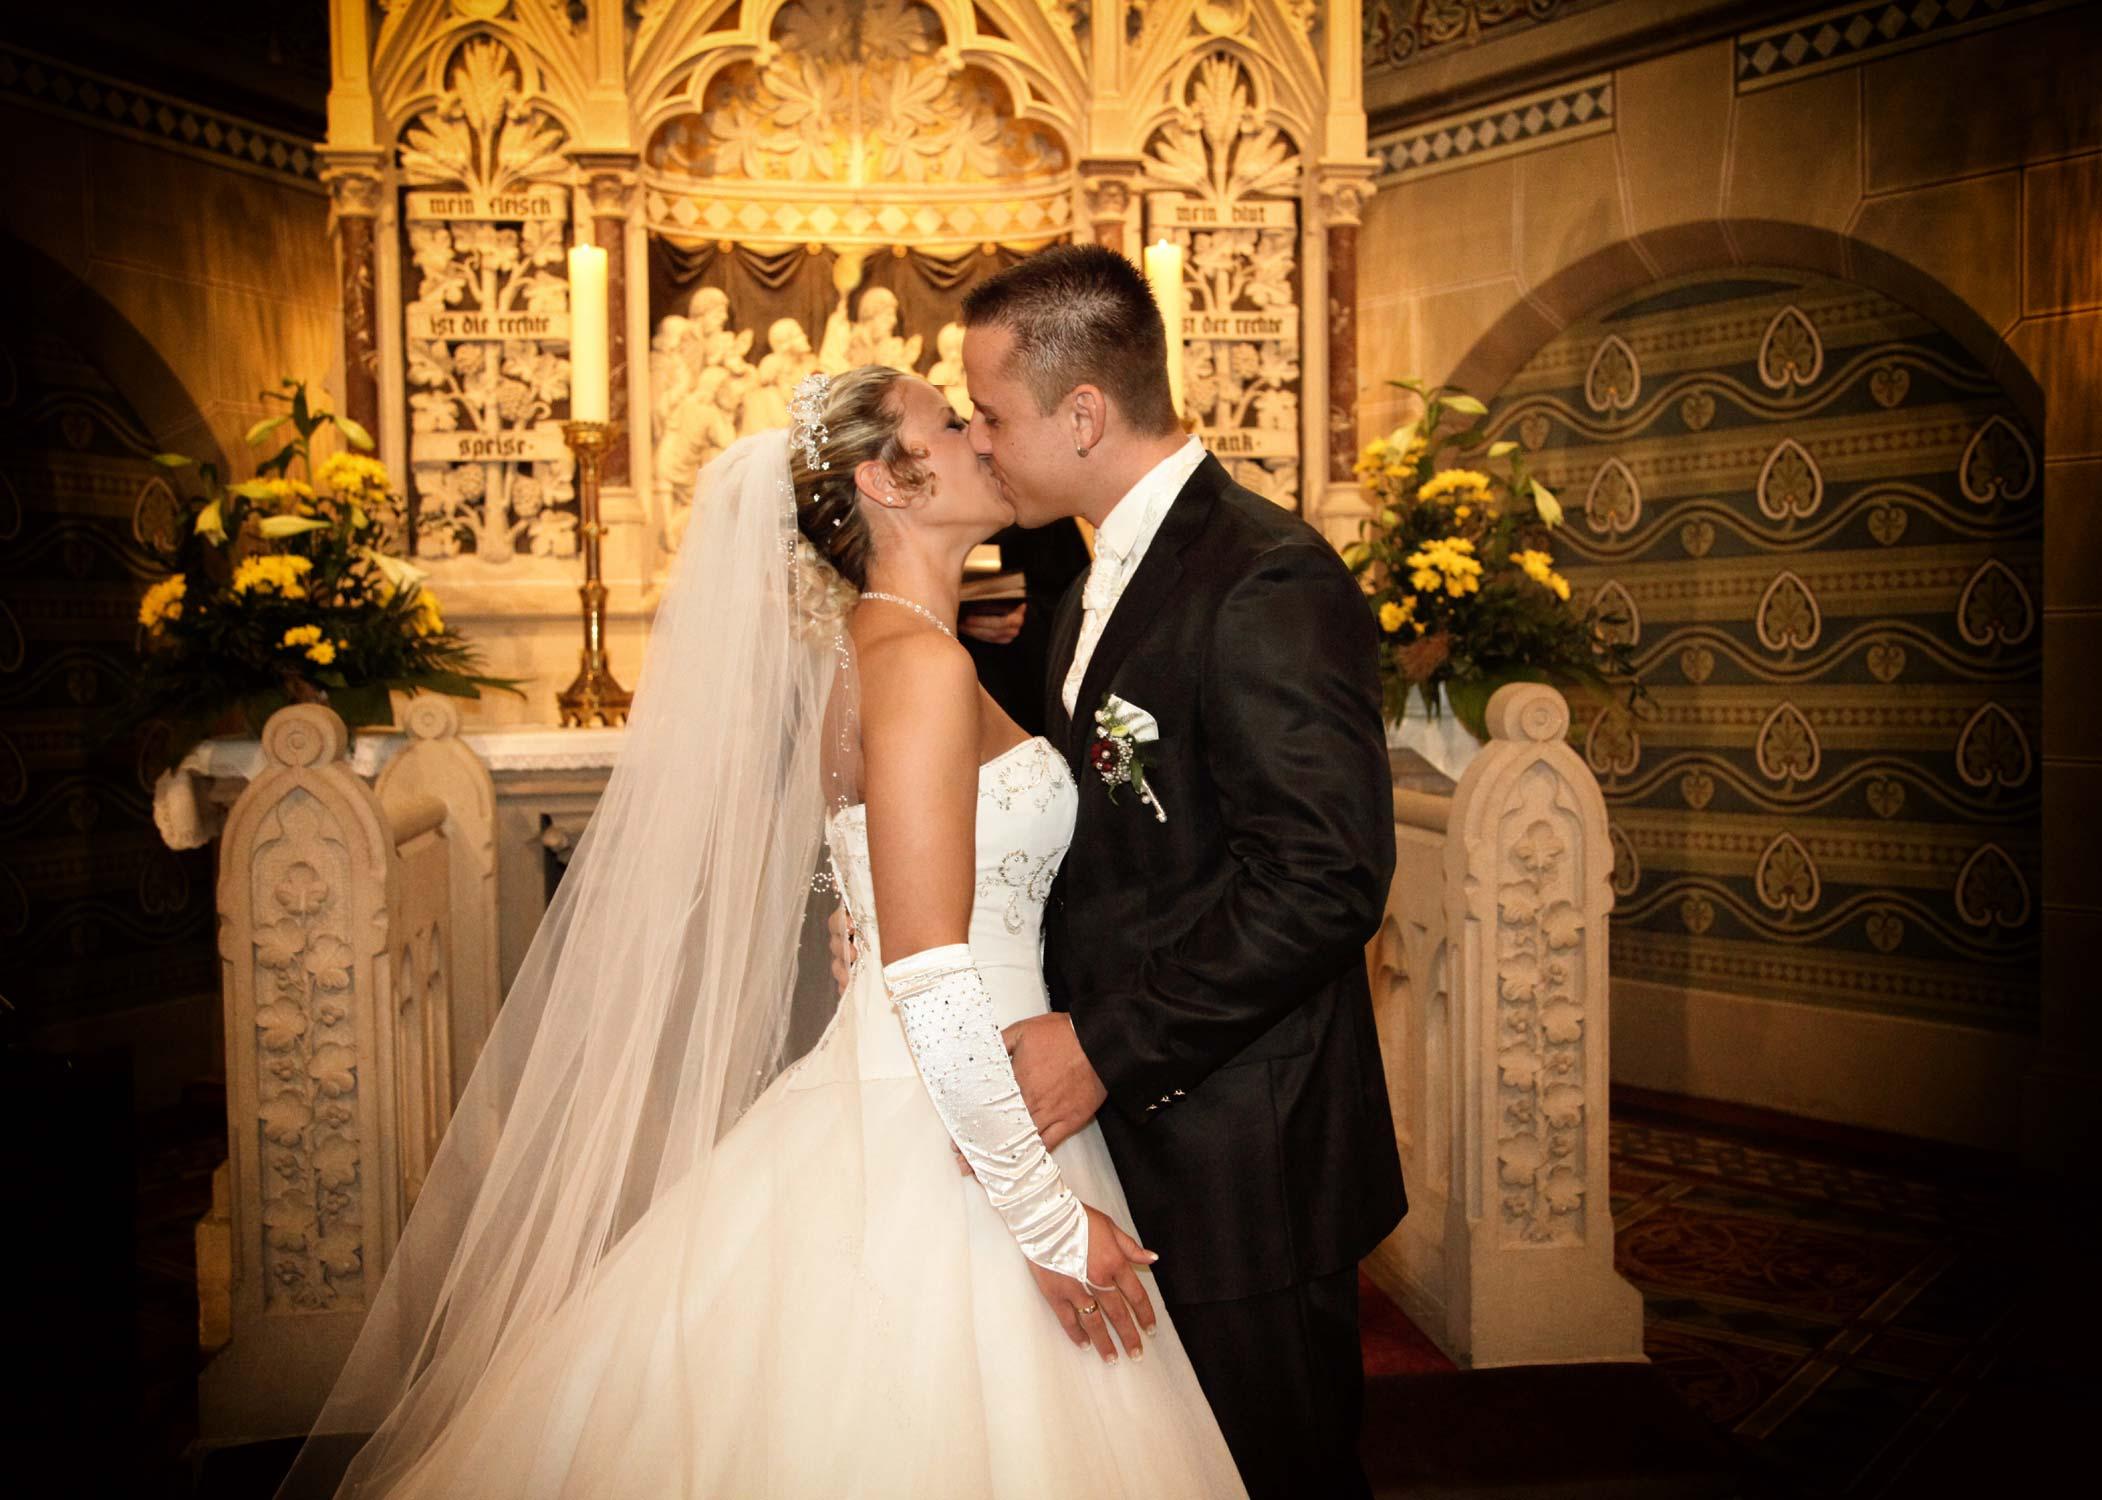 Der Hochzeitskuss. Das Brautpaar küsst sich vor dem goldenen Altar in der Kirche. Die Braut trägt einen langen weißen Schleier.